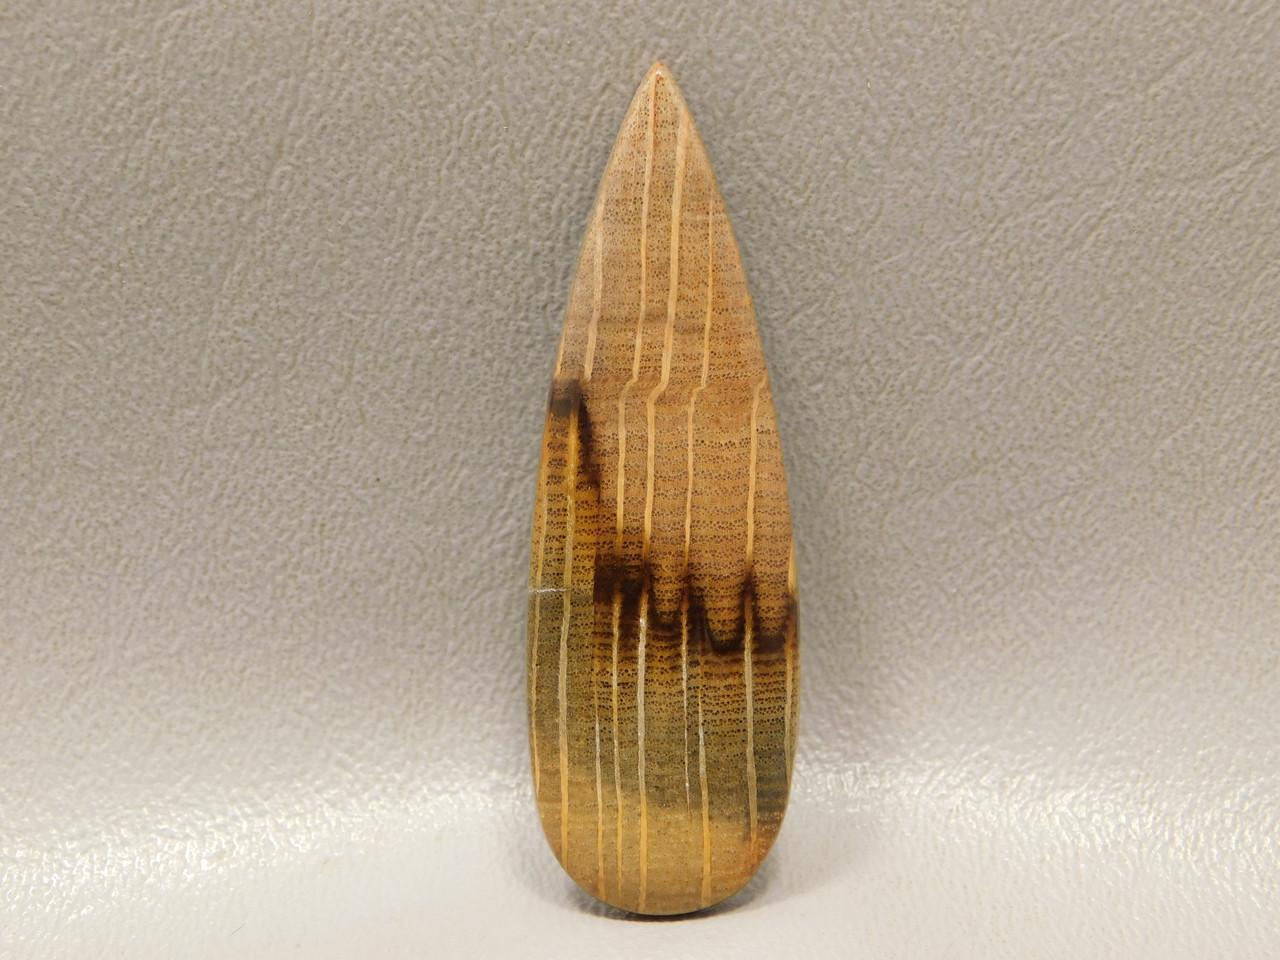 Petrified Golden Oak Wood Cabochon Stinking Water Stone #17